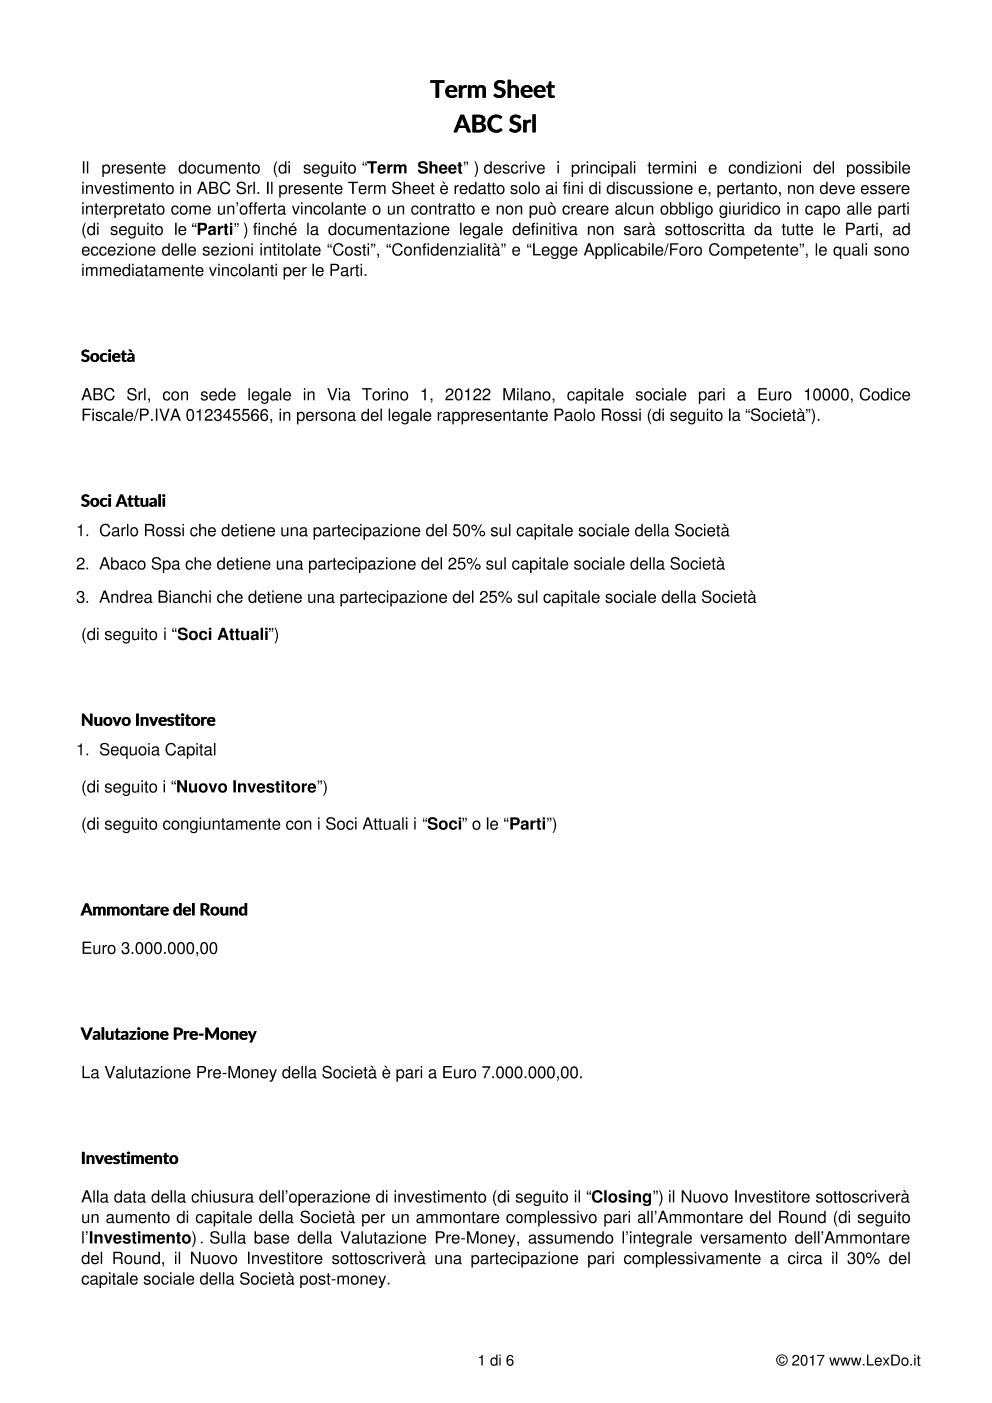 anteprima del nostro Term Sheet per Contratto di Investimento